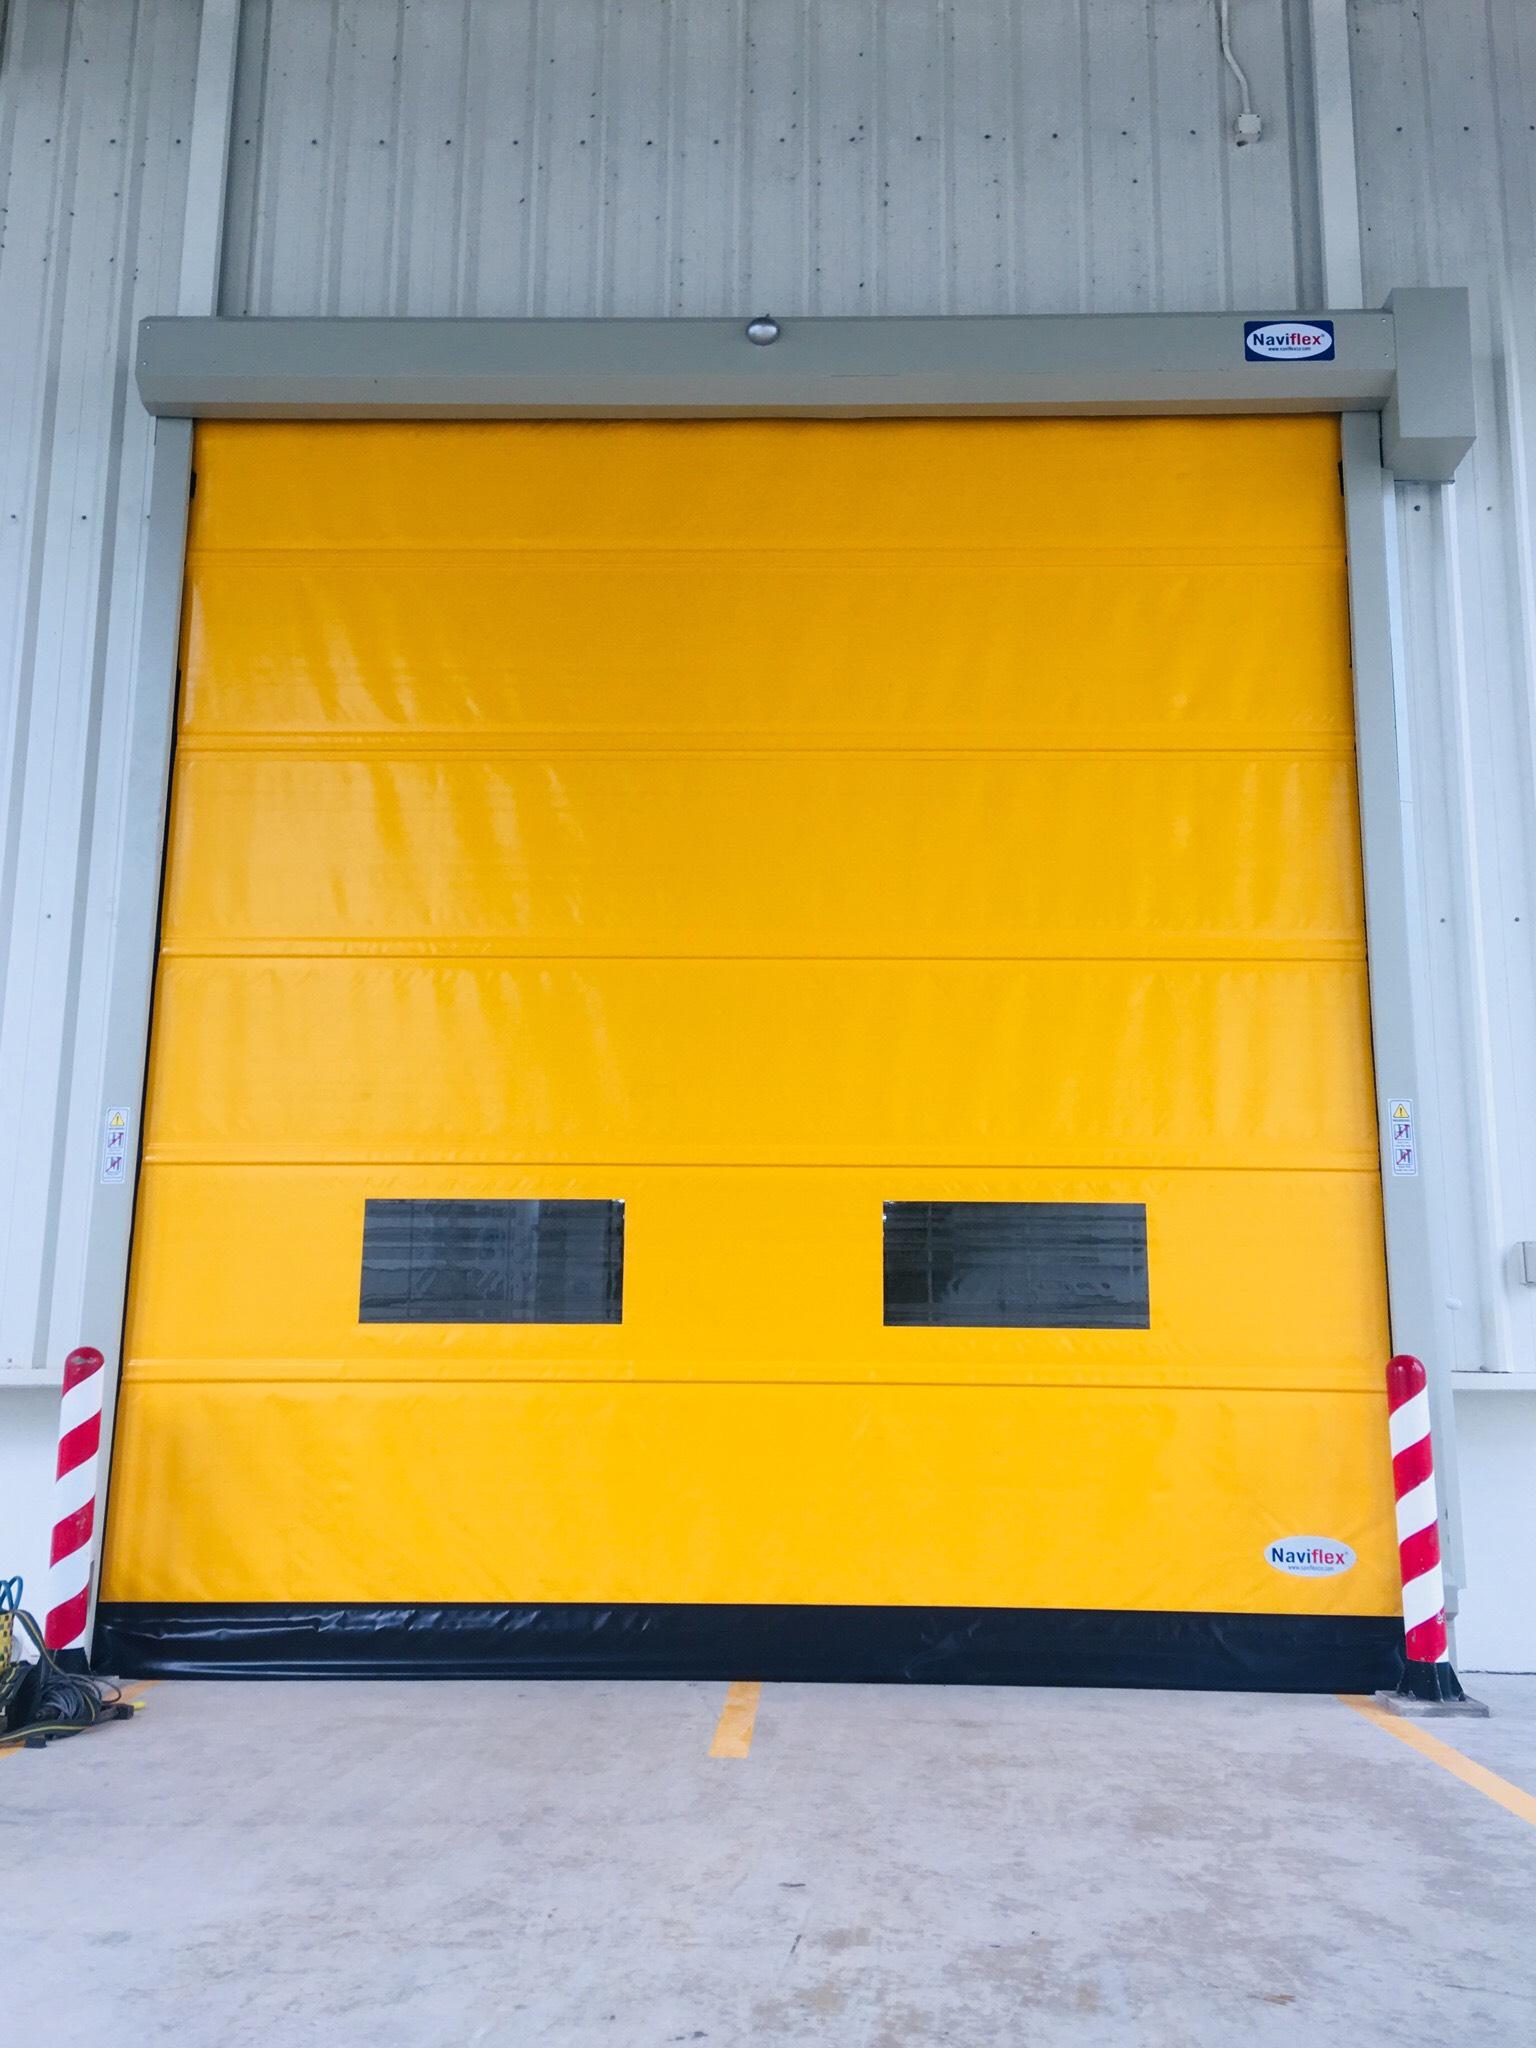 High Speed Door Naviflex